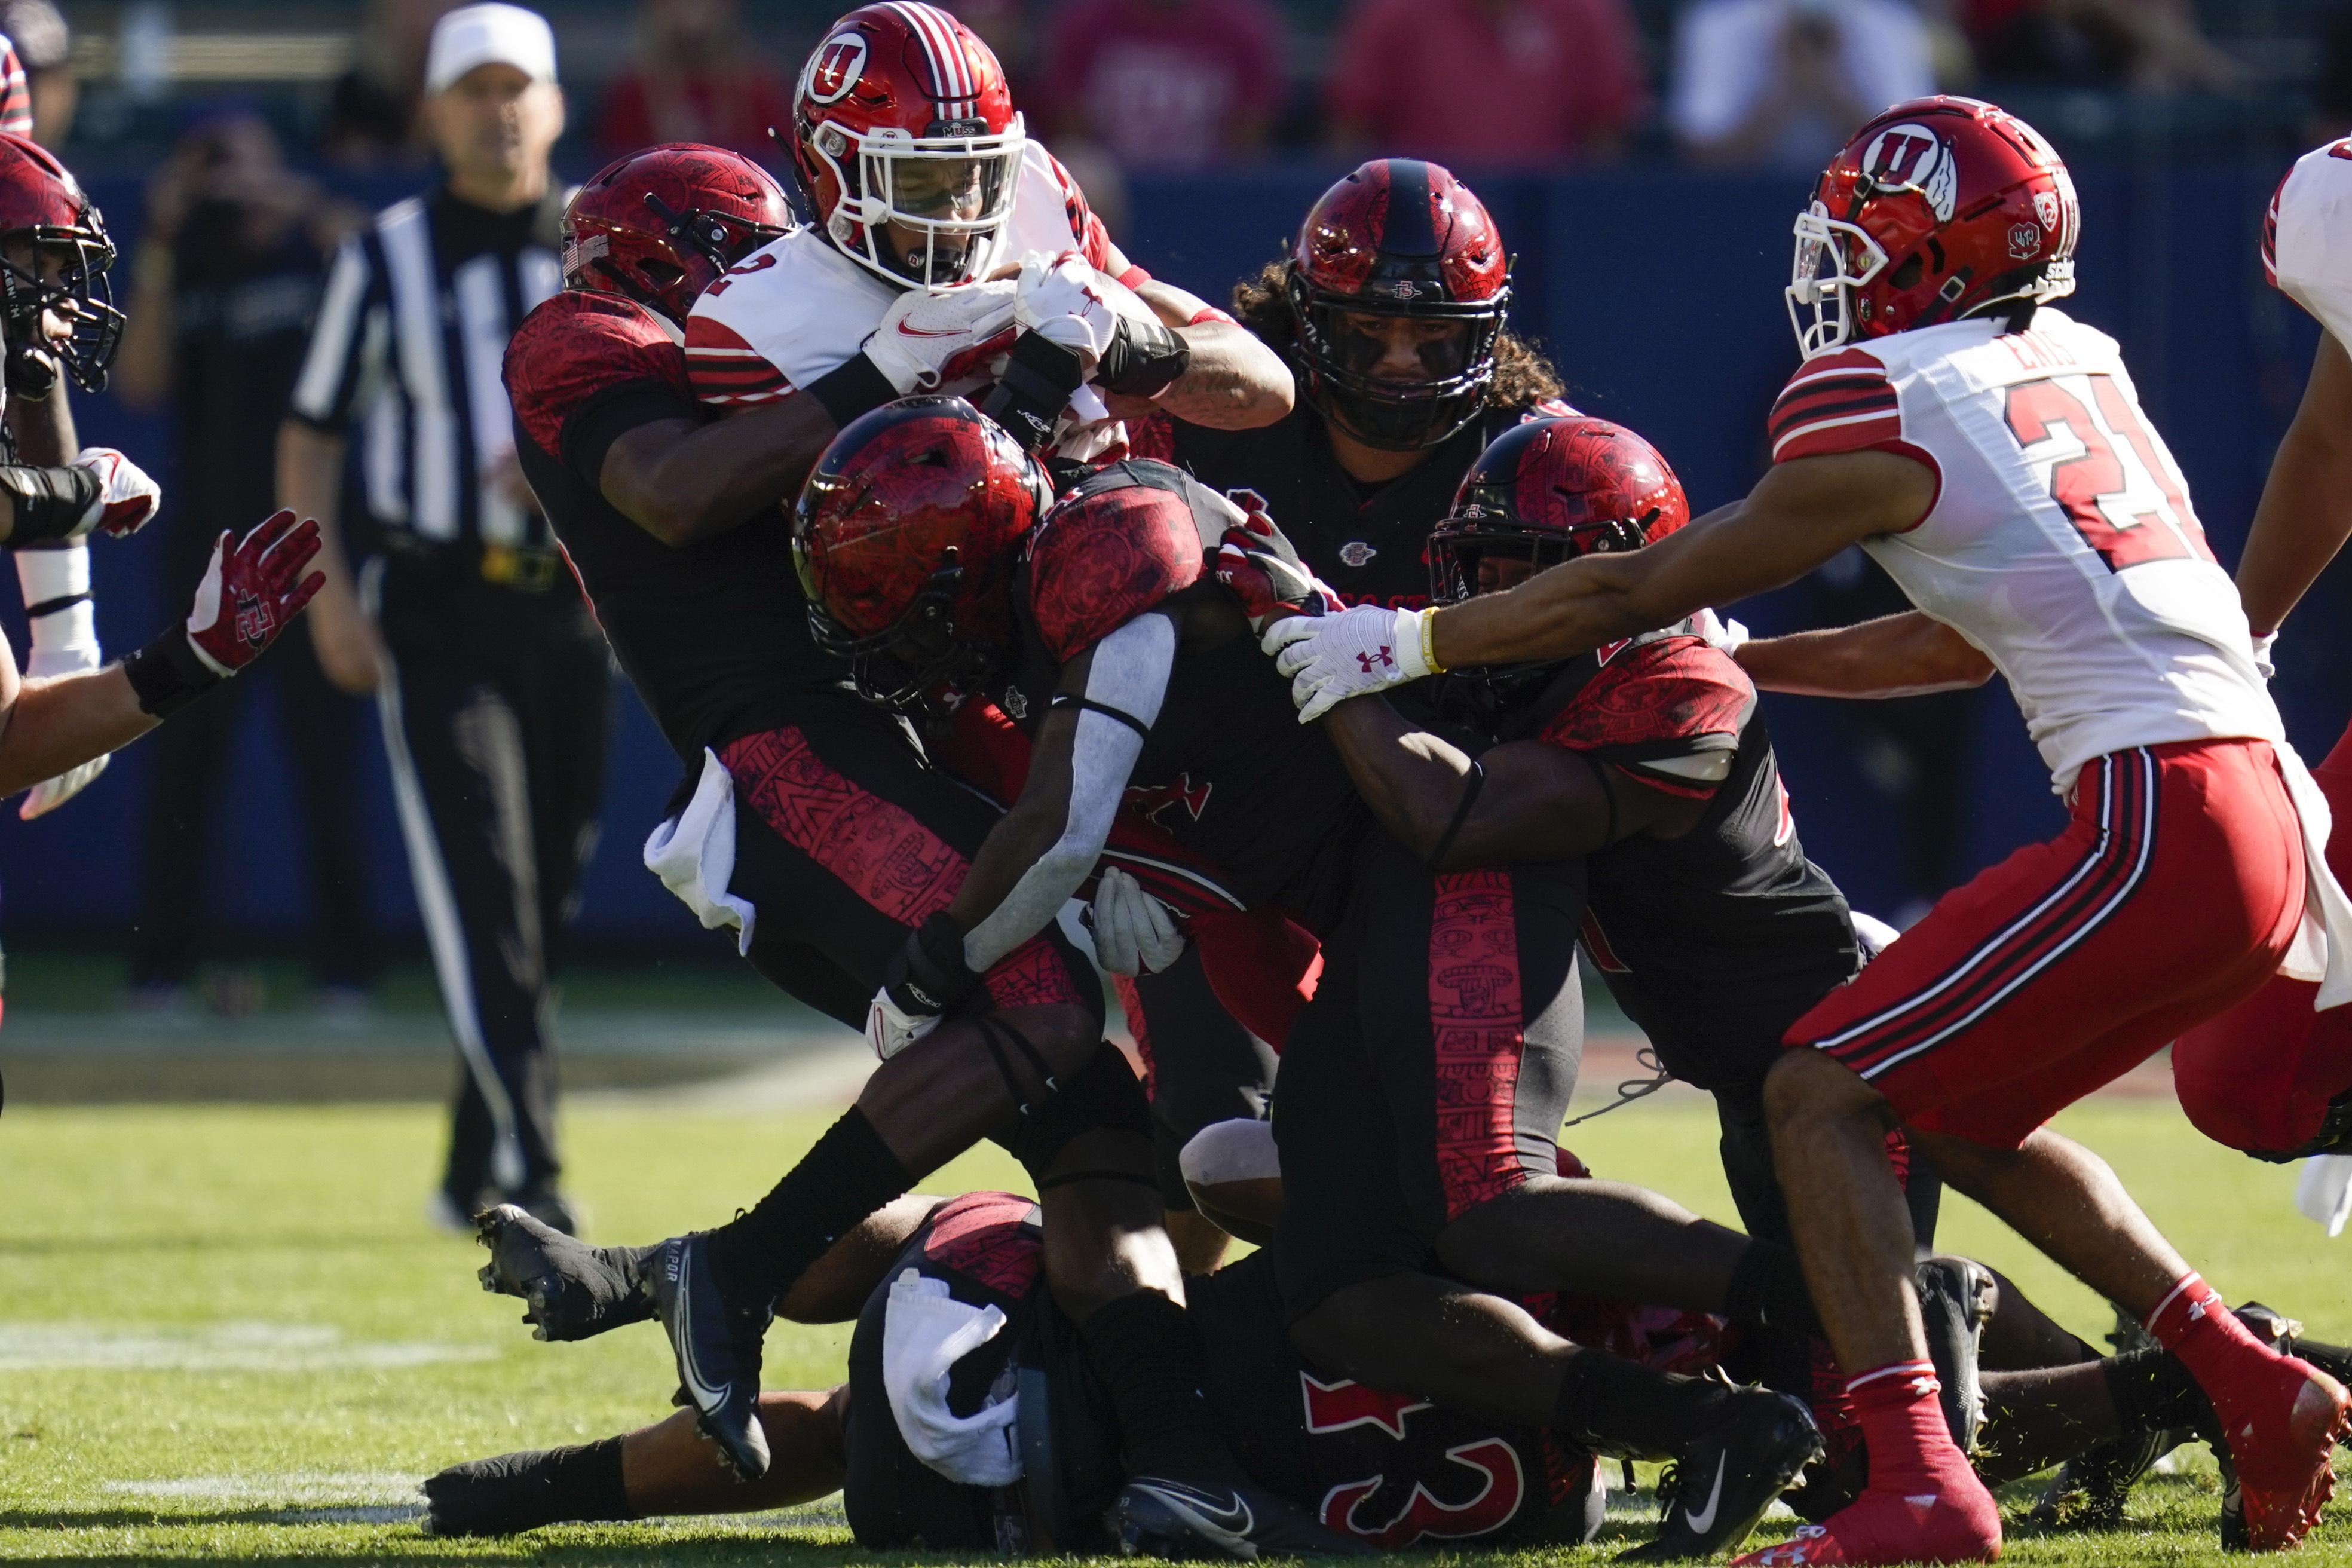 Utah running back Micah Bernard is tackled by San Diego State defenders